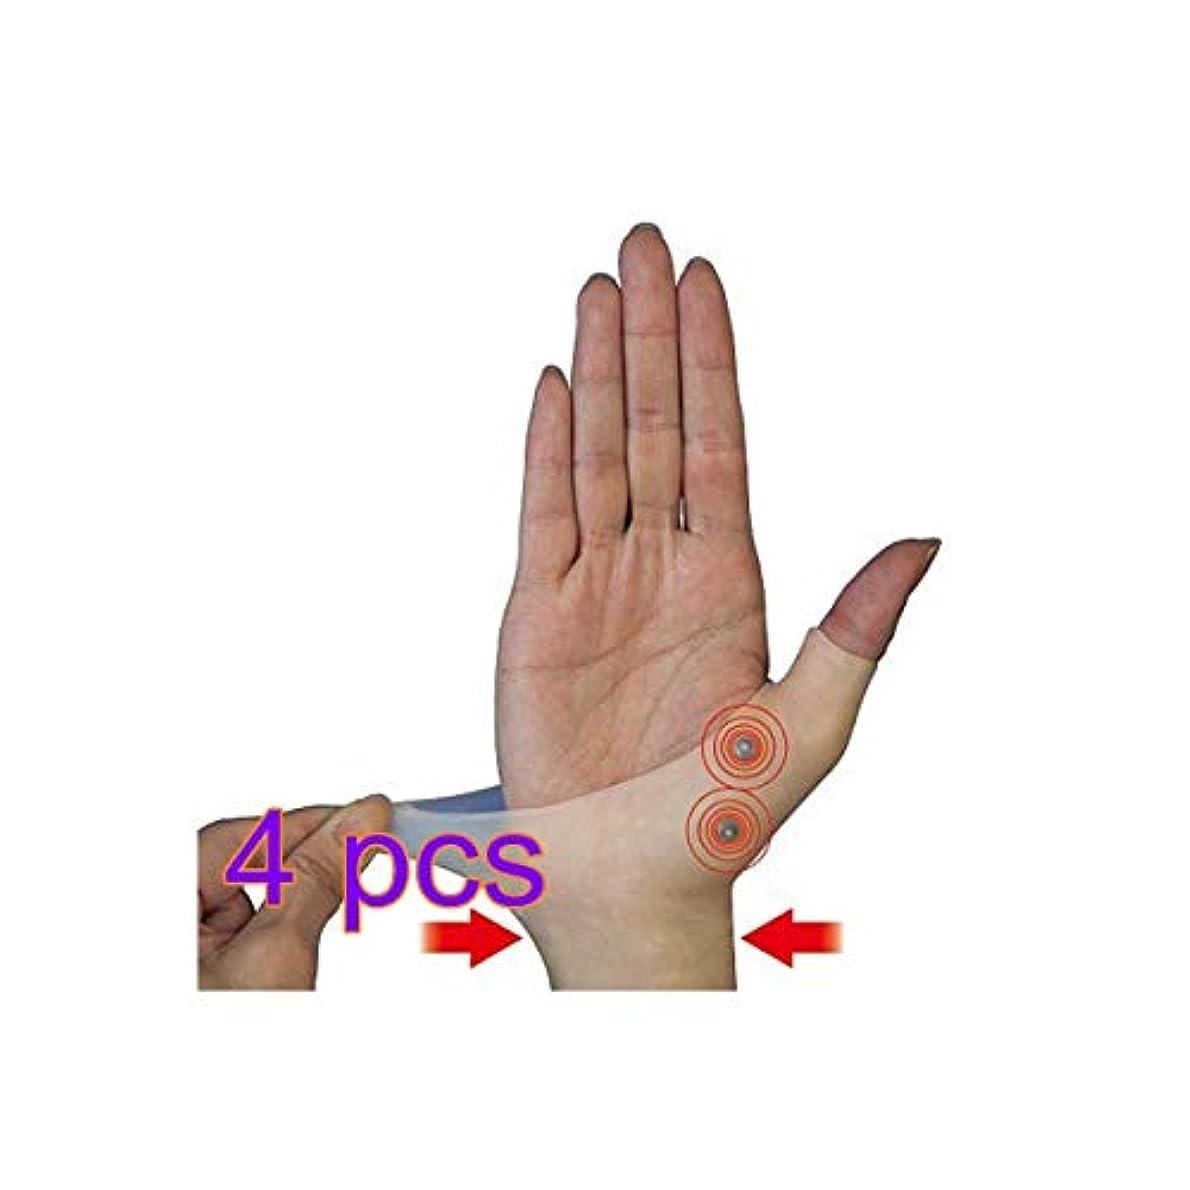 短くする集めるしたがってSUGE 手首サポーター 磁気手袋 親指サポーター 磁気療法手袋 圧縮手袋 血行促進 疲れ軽減 衝撃緩和 サポーター レディース テーピング シリコン フリーサイズ 左右両用 男女兼用 2枚/4枚セット